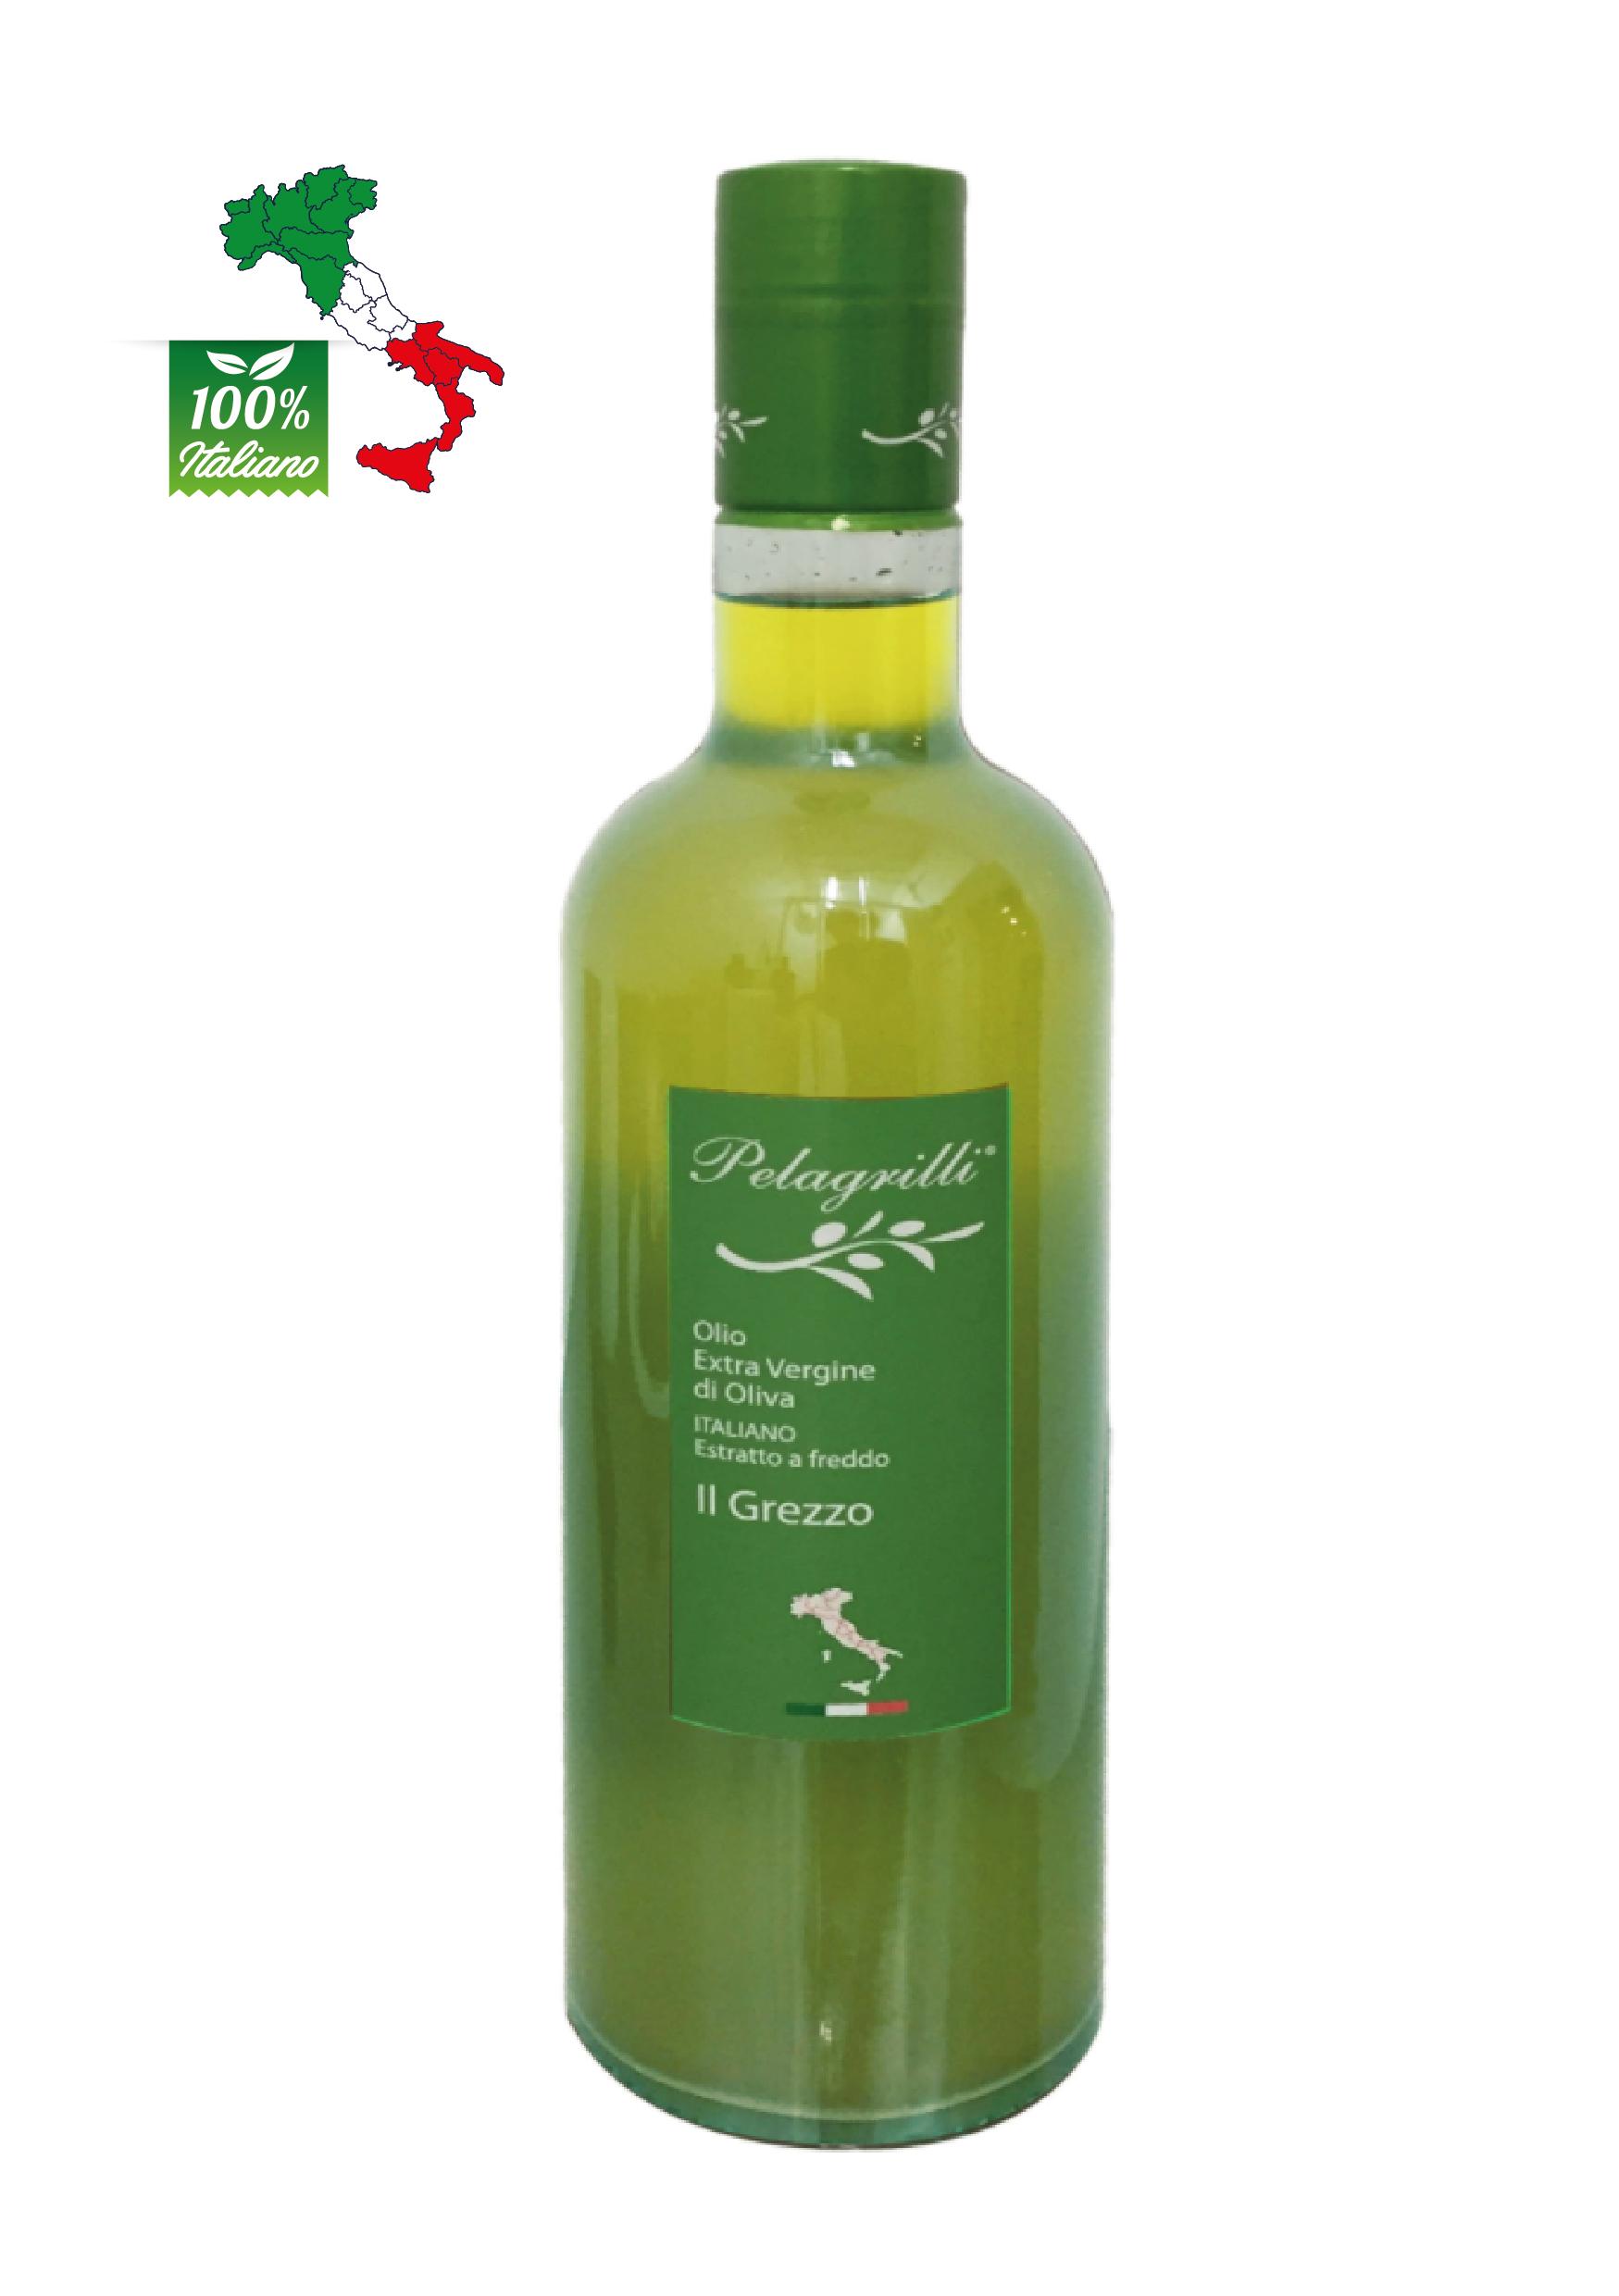 100% ITALIANO LT 0,75  Olio extravergine di oliva- Raccolto 2020-2021- estratto a freddo GREZZO